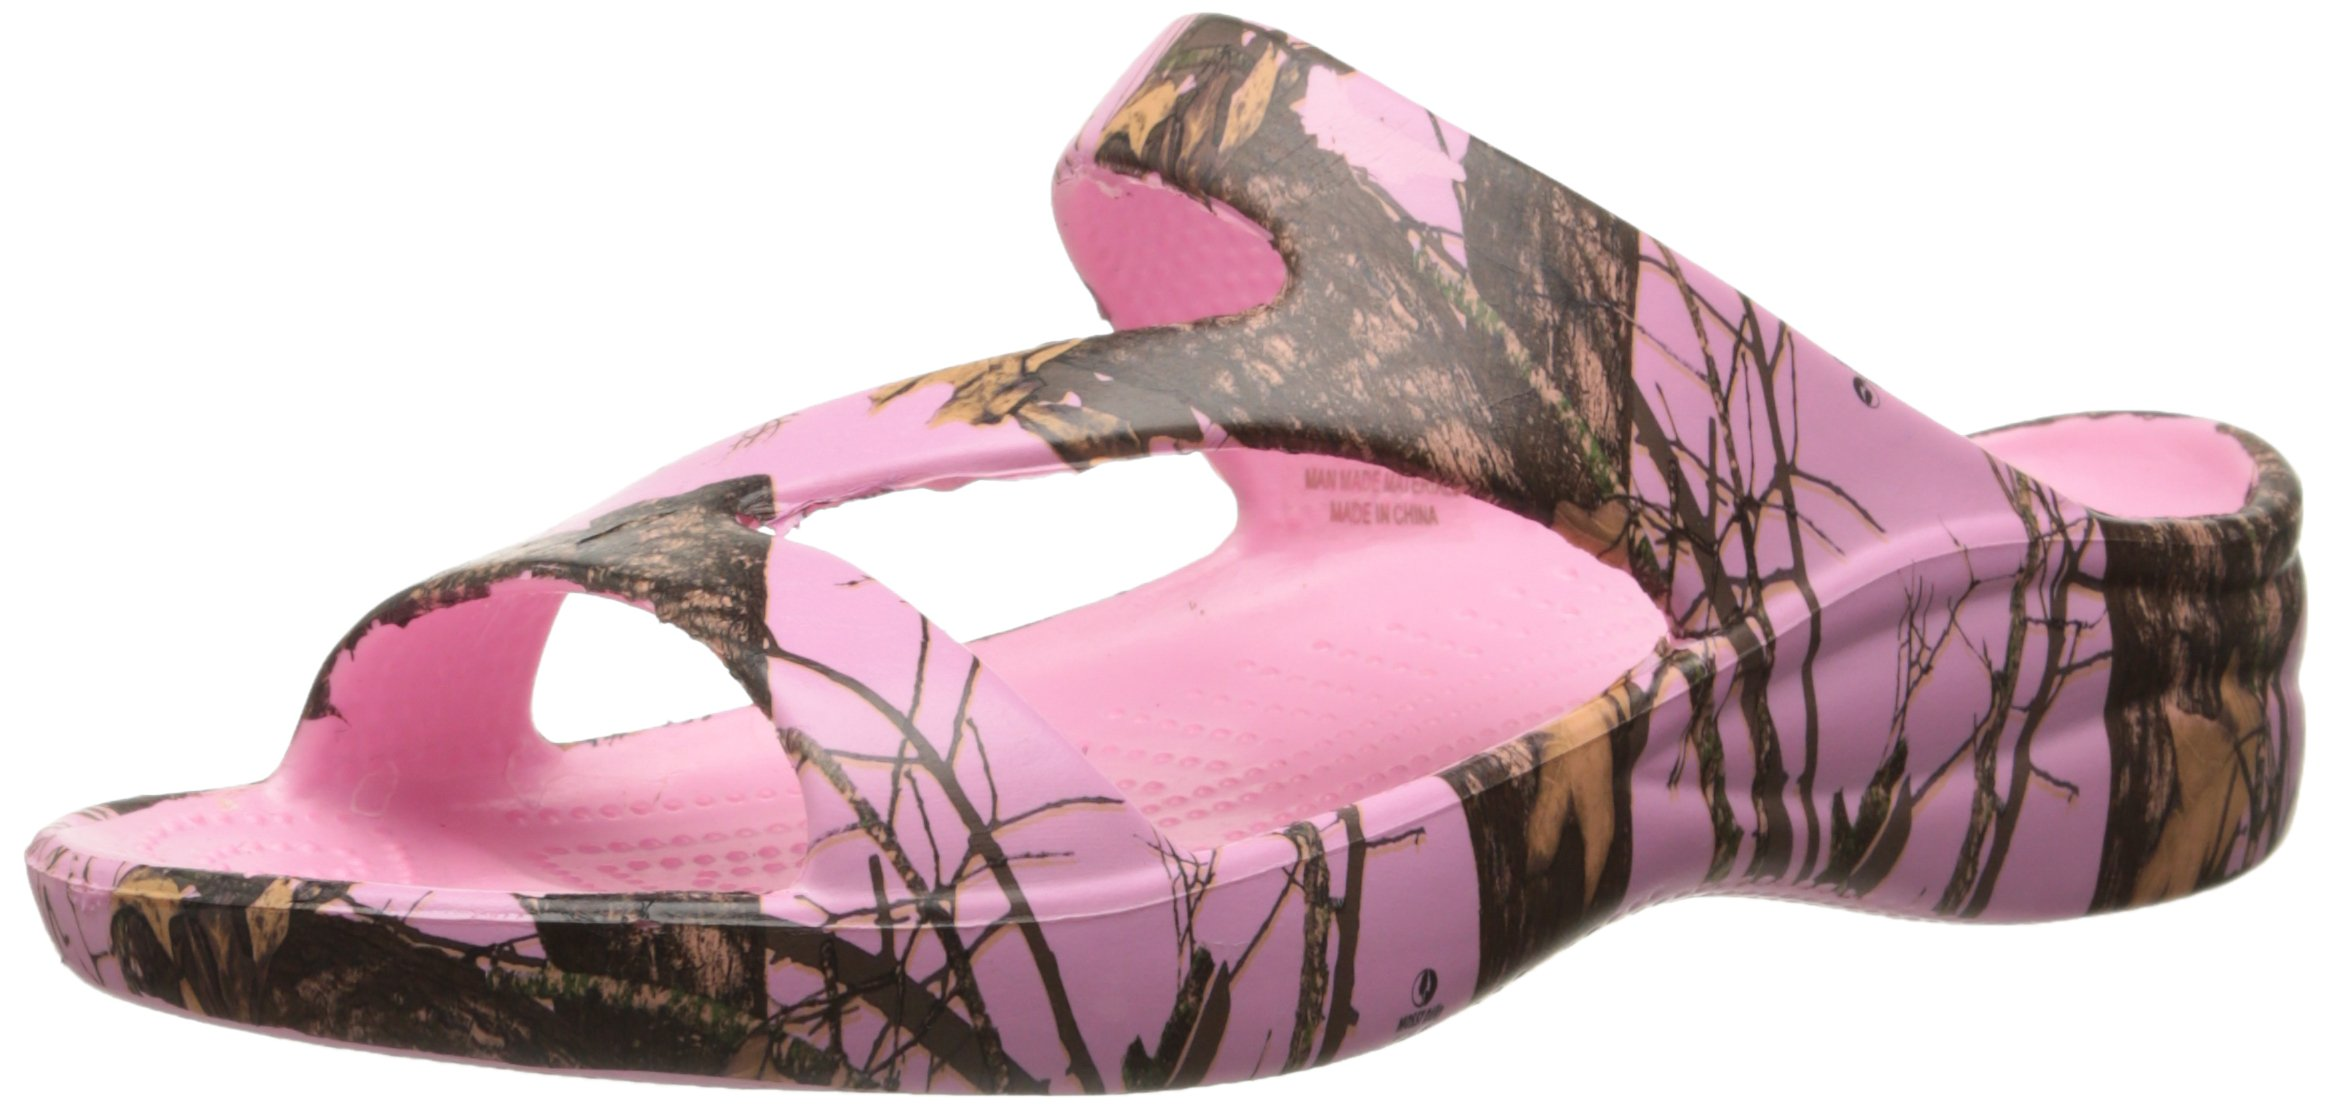 DAWGS Women's Mossy Oak Z Espadrille Sandal